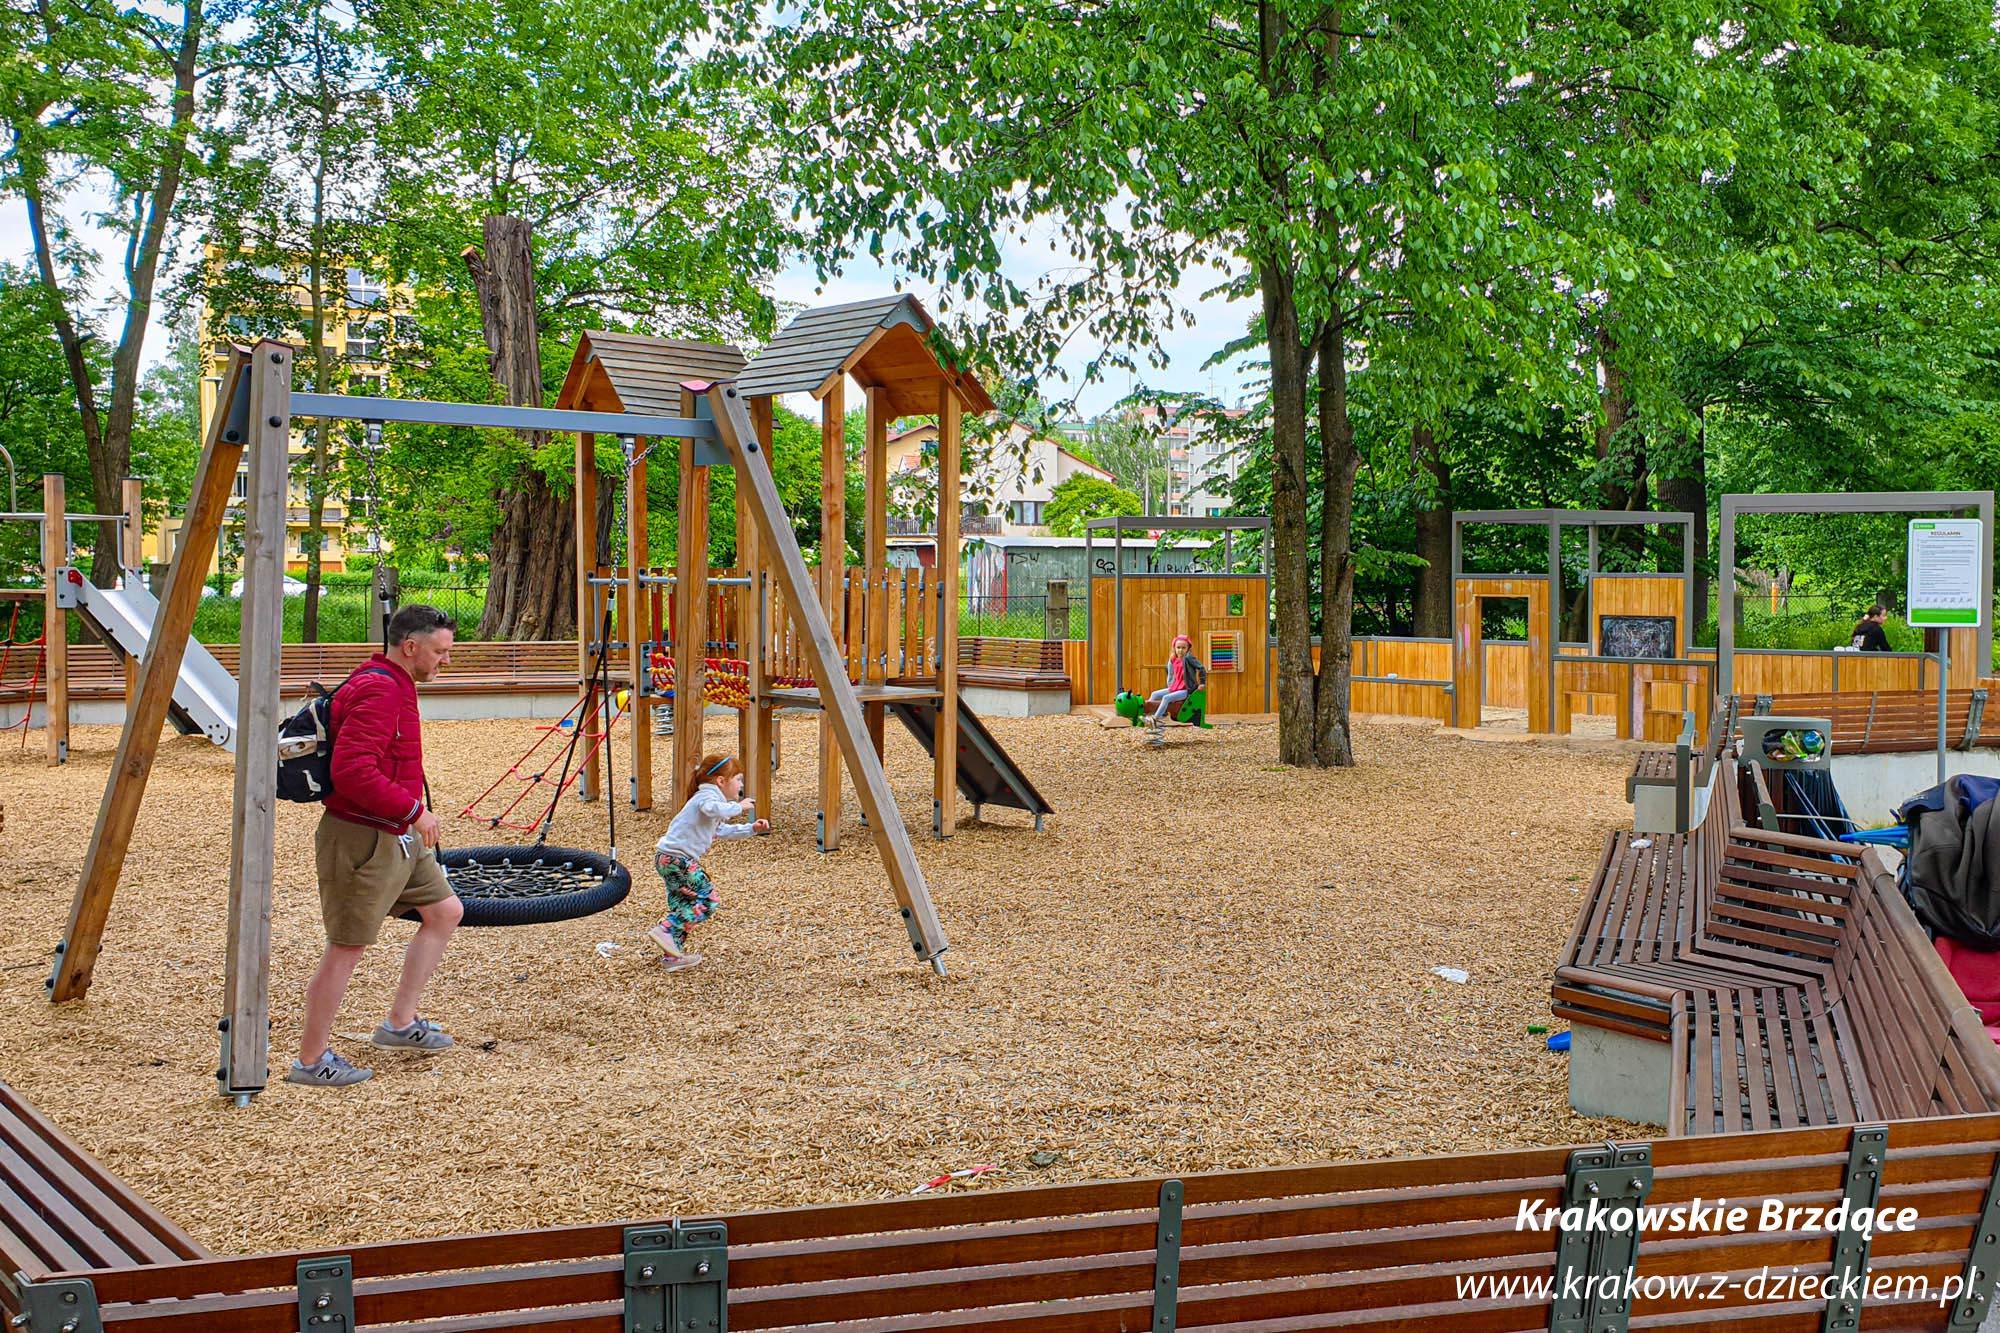 park naczelna, plac zabaw